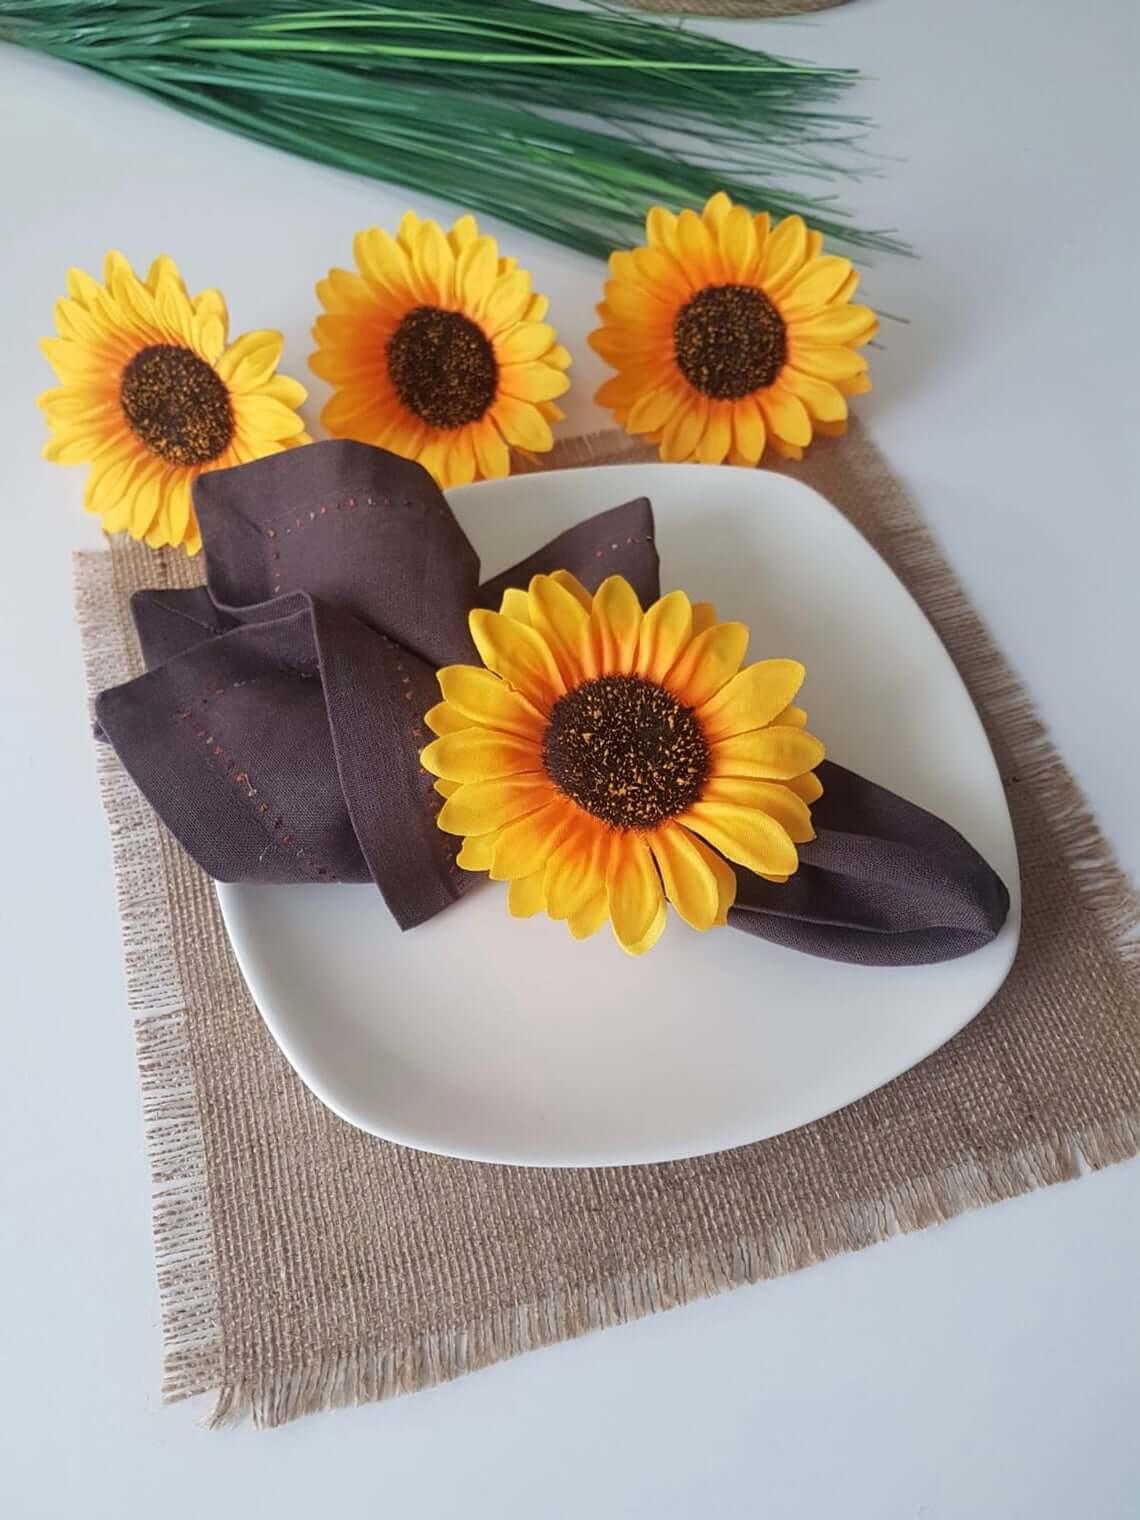 Unique Summer Wedding Yellow Sunflower Napkin Holder